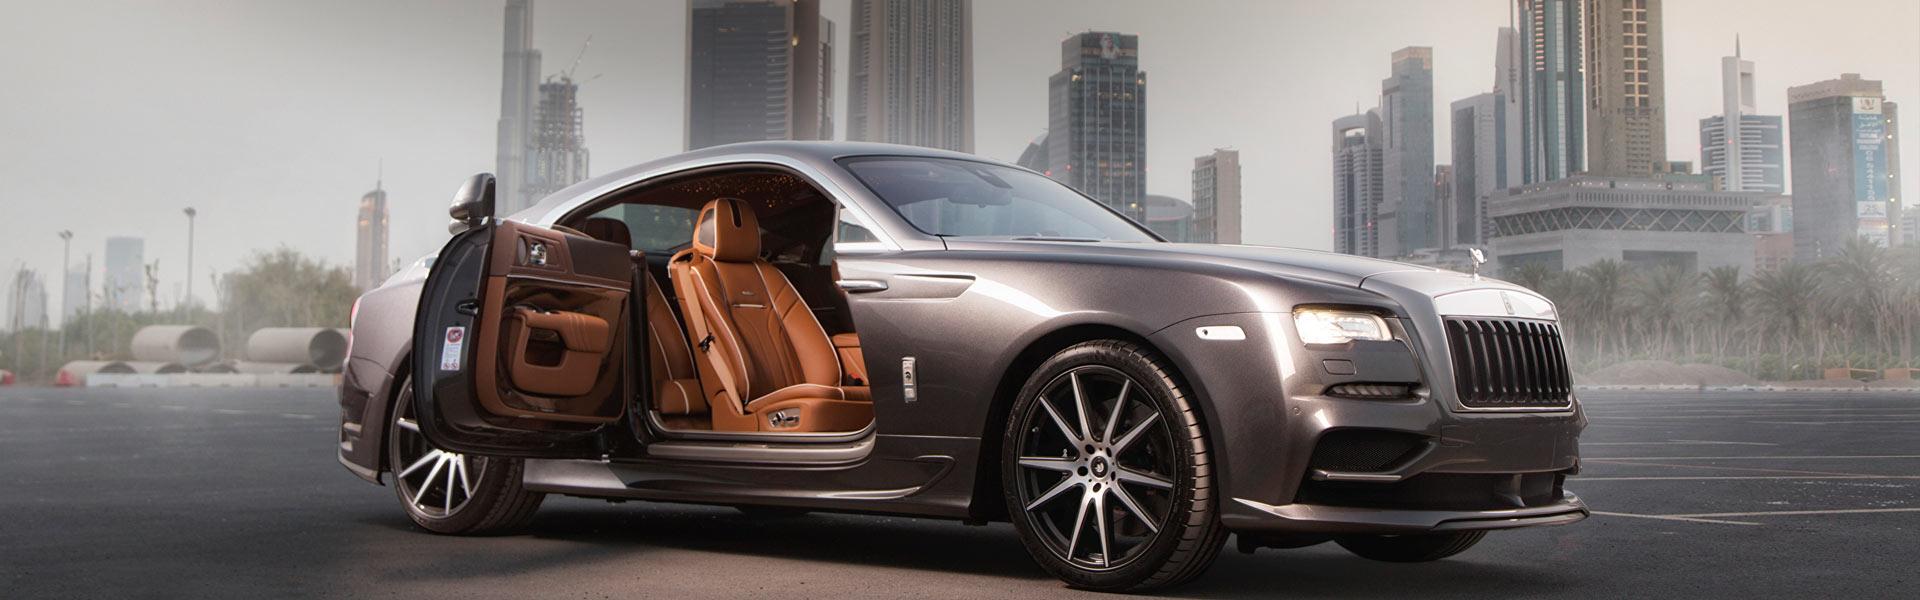 Развал схождение Rolls-Royce